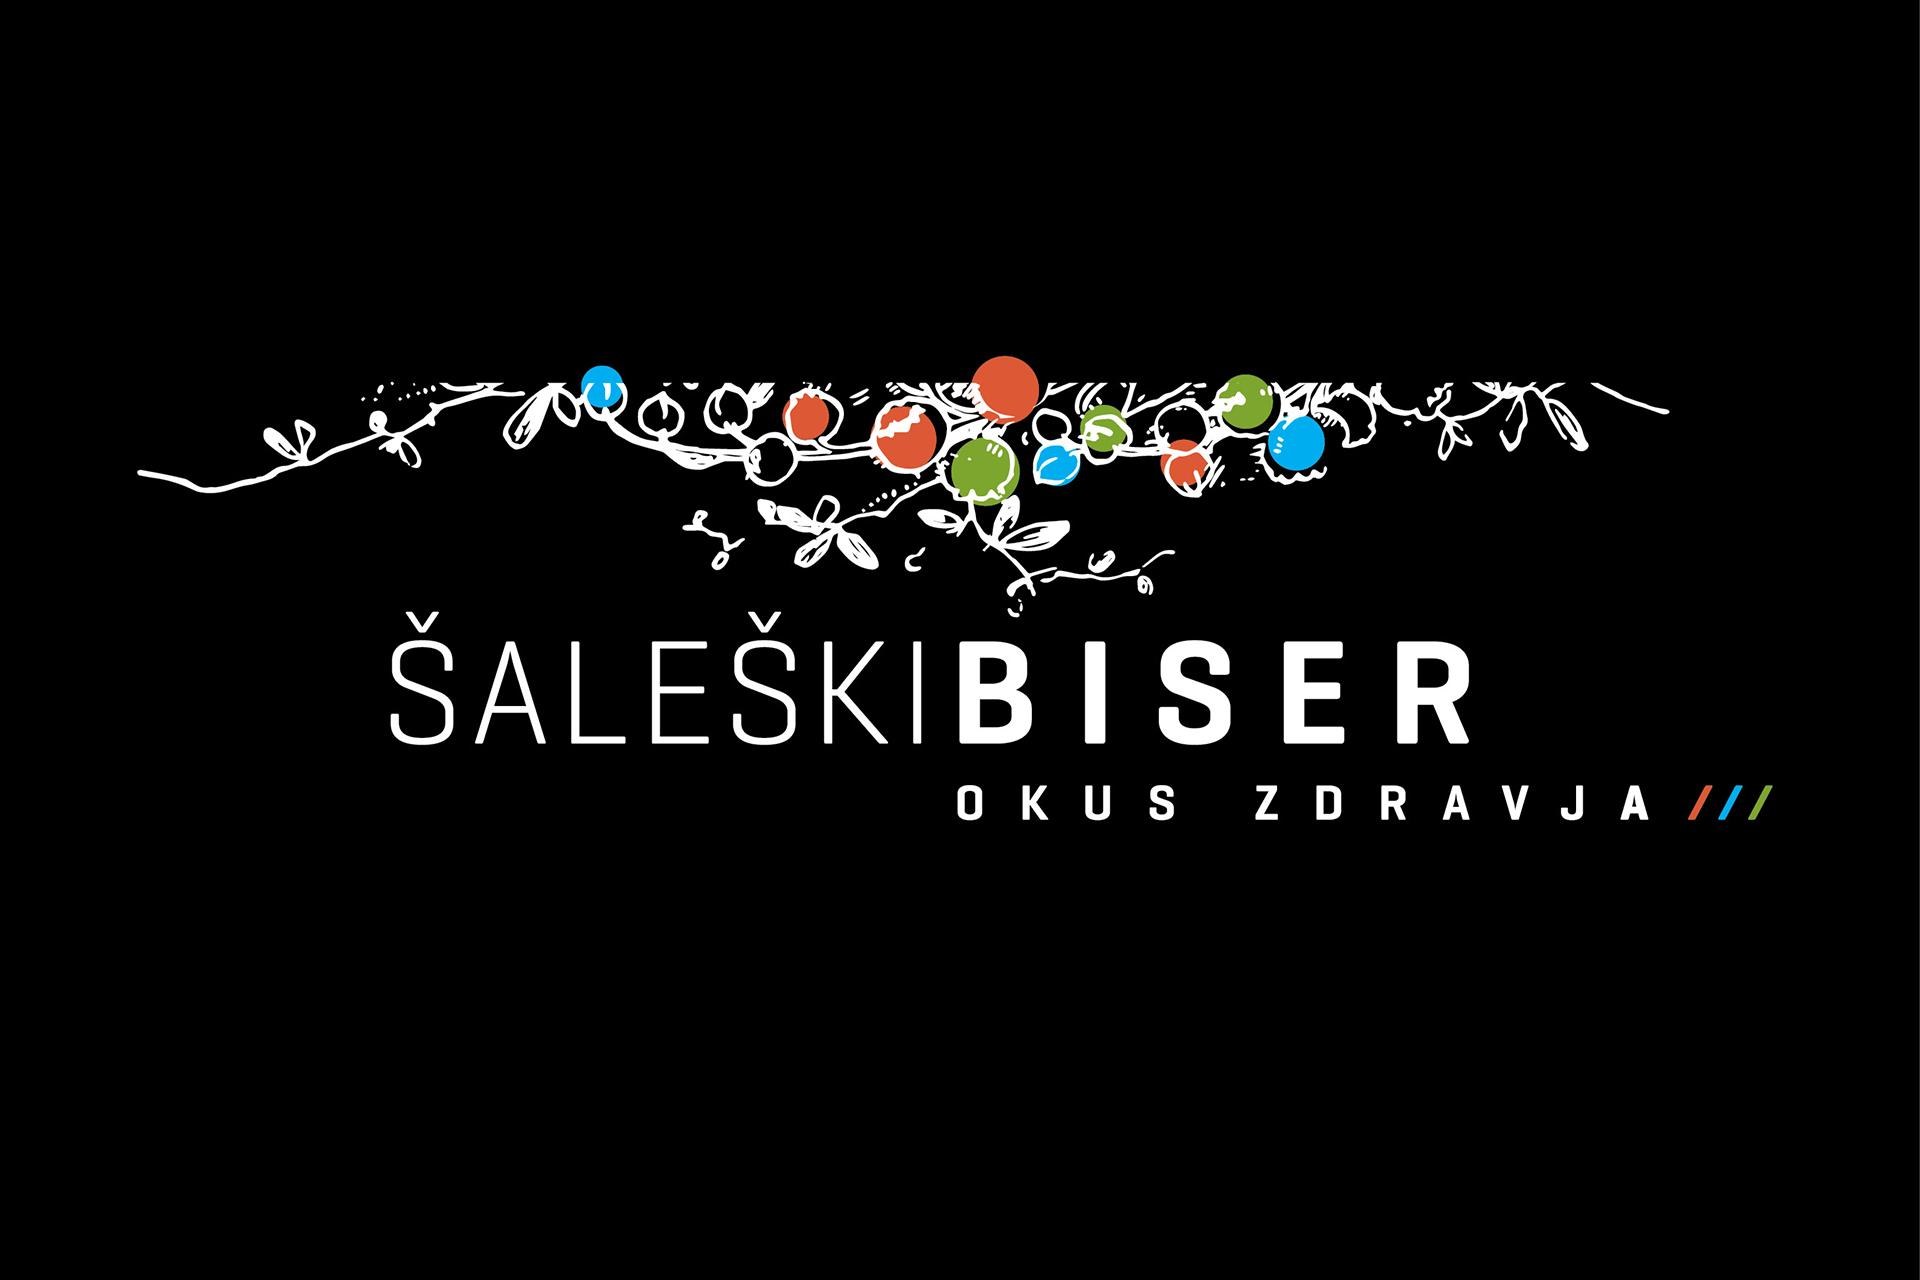 voda_saleski_biser_znak3